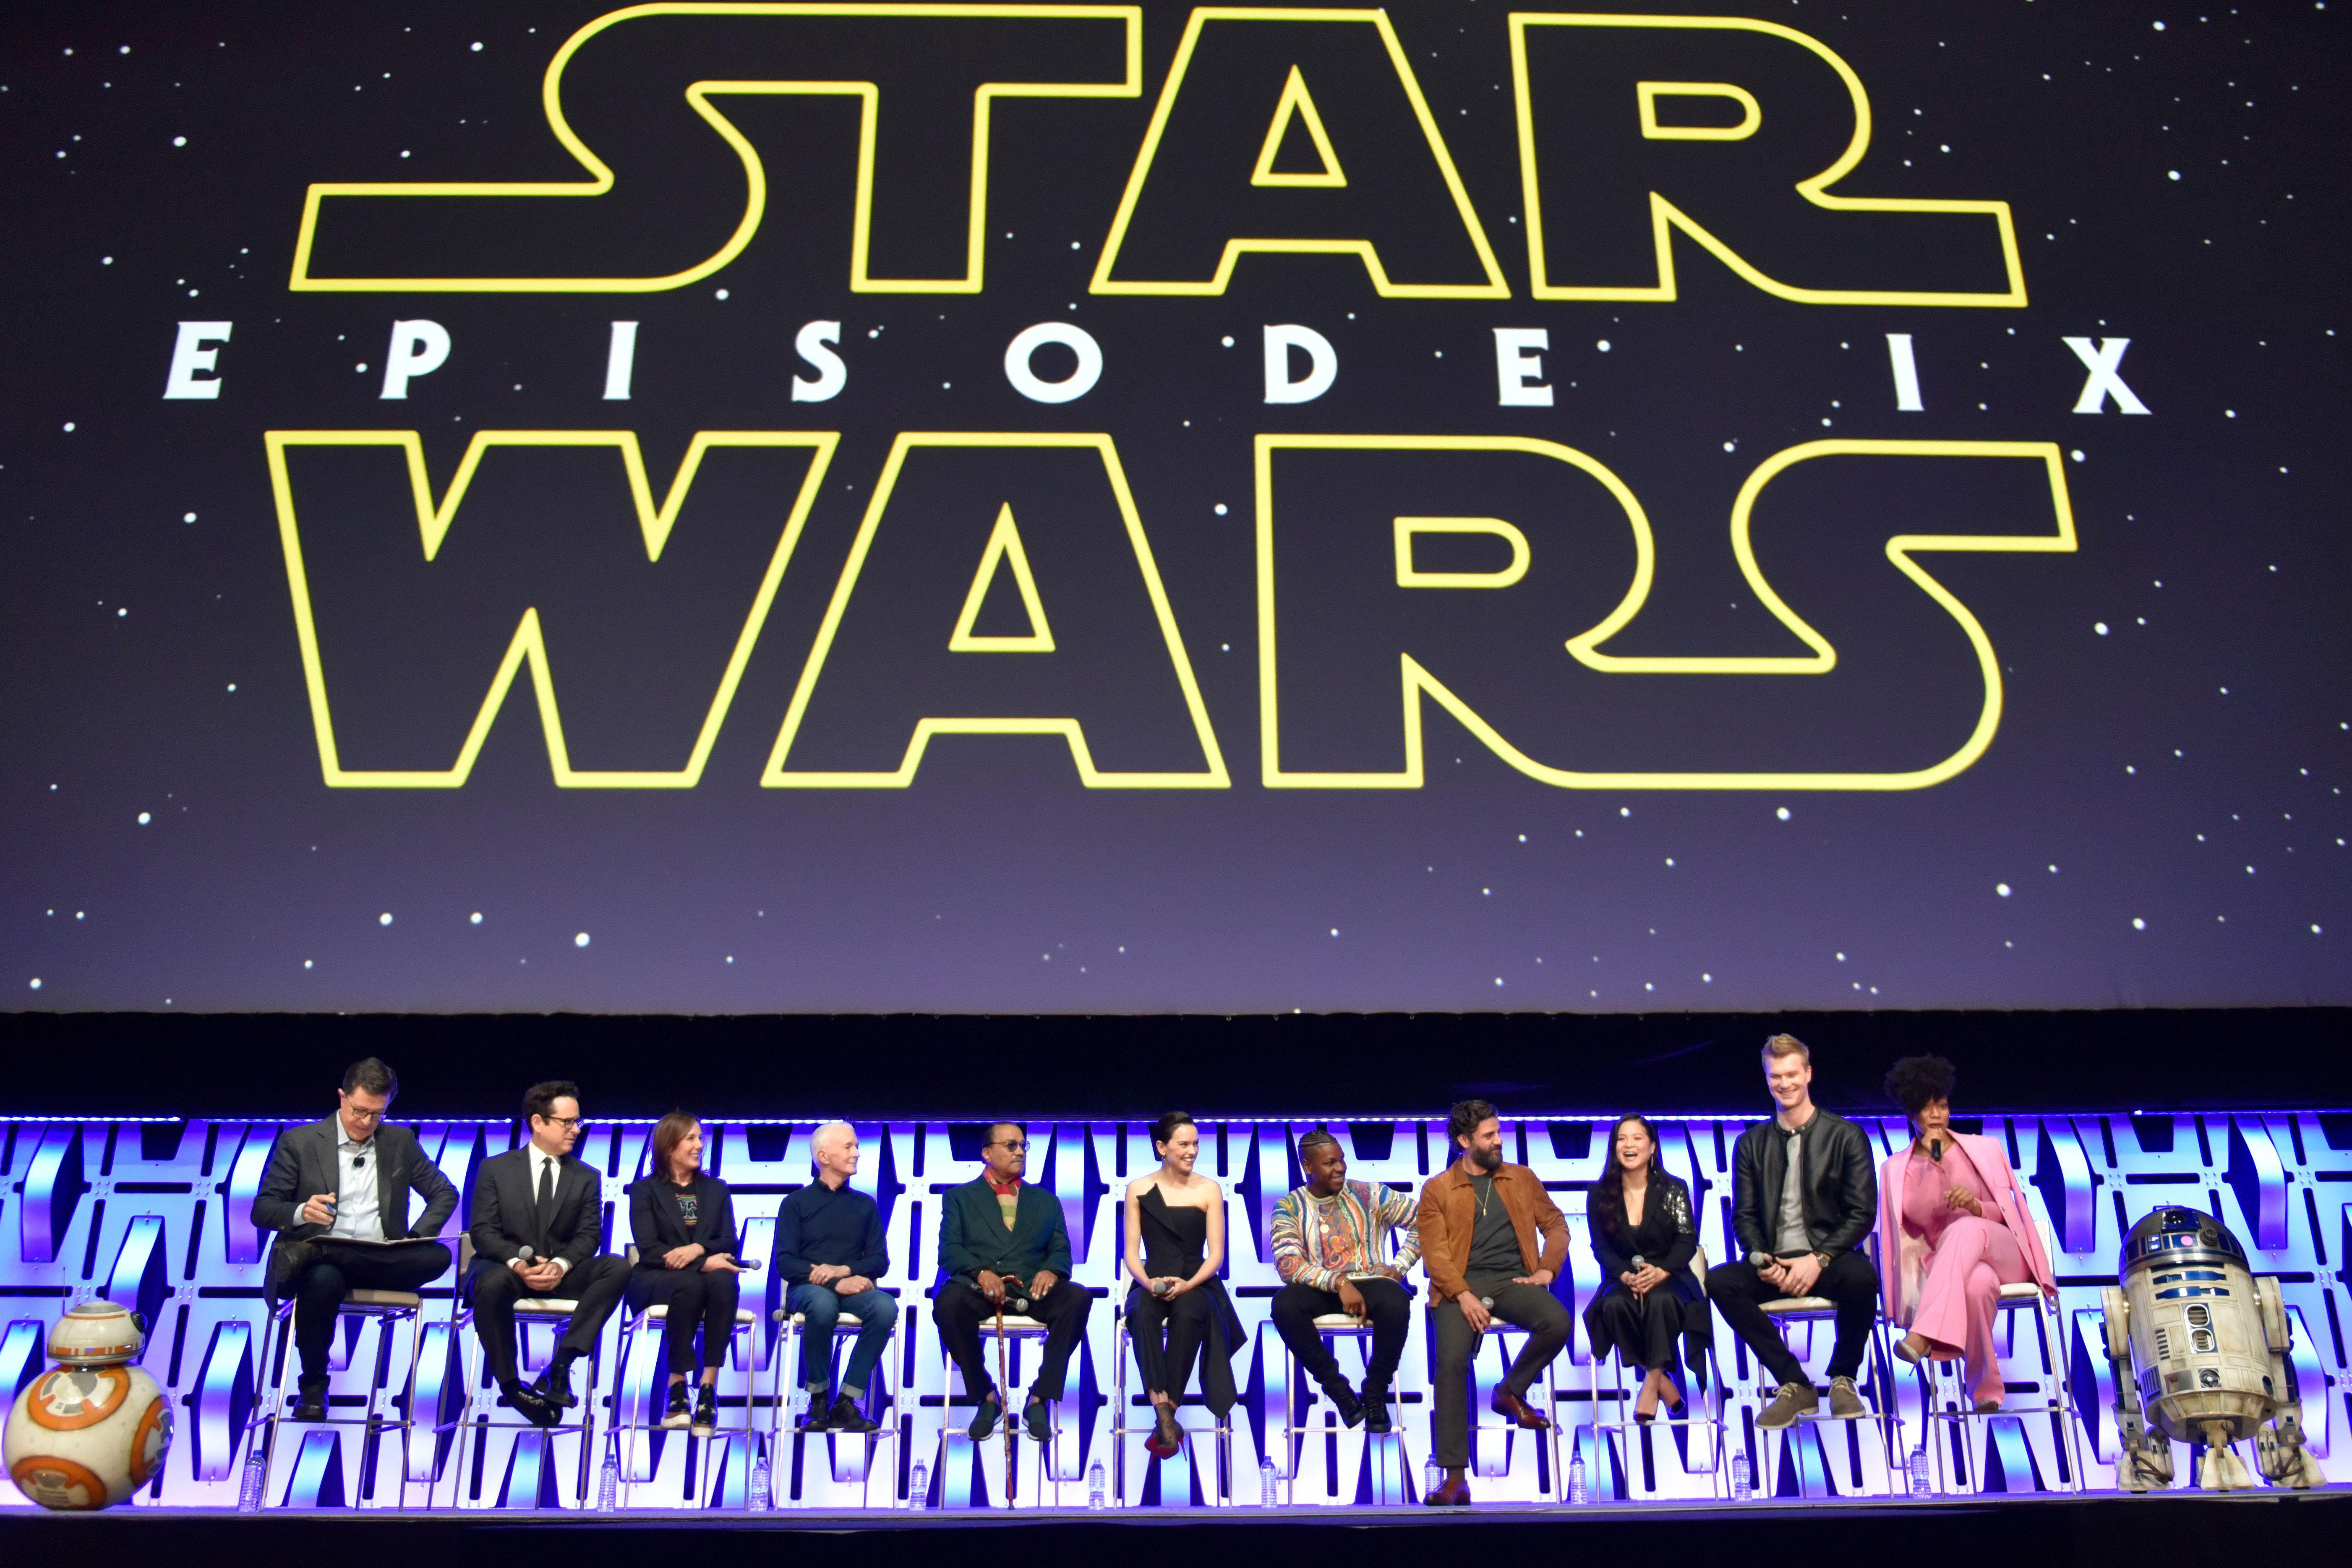 Star Wars Celebration 2019 Flipped the Script on Toxic Fandom